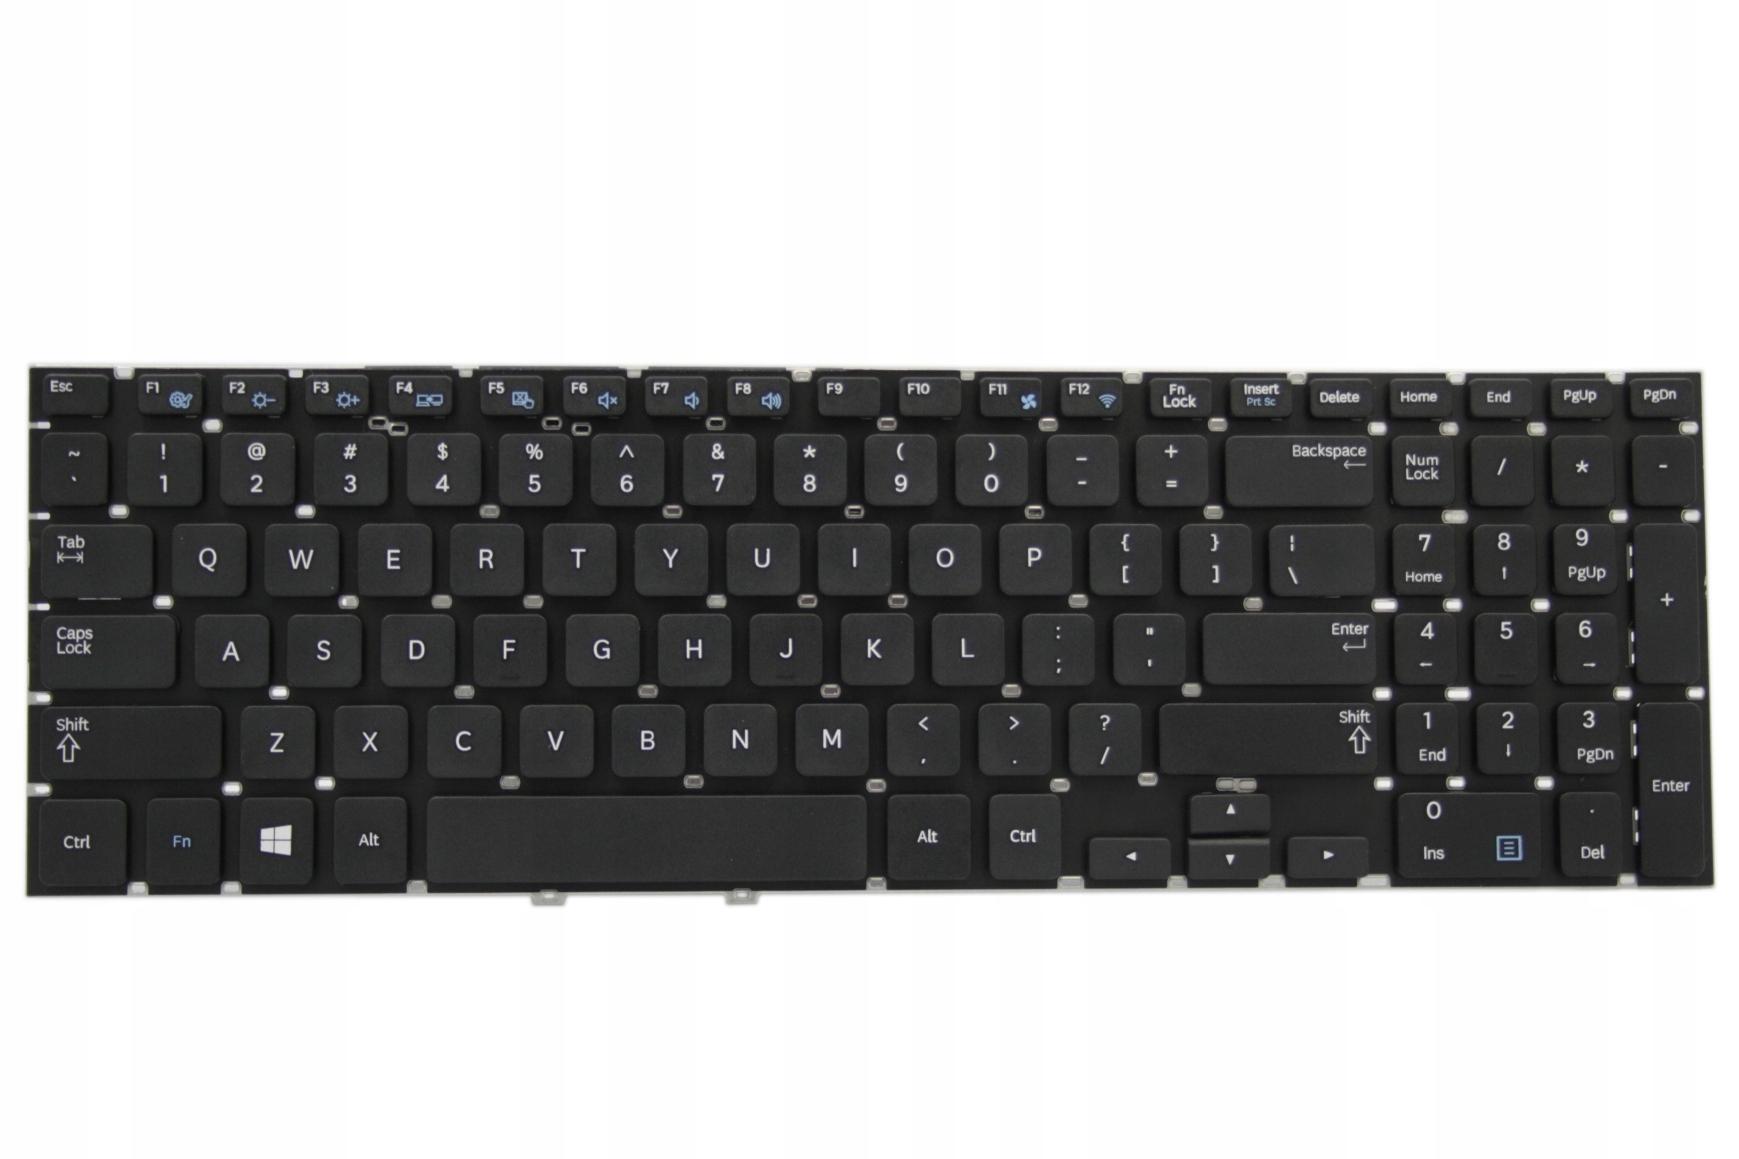 KLAWIATURA SAMSUNG 275E5V NP300E5V 355E5 NP355V5V - Klawiatury do laptopów